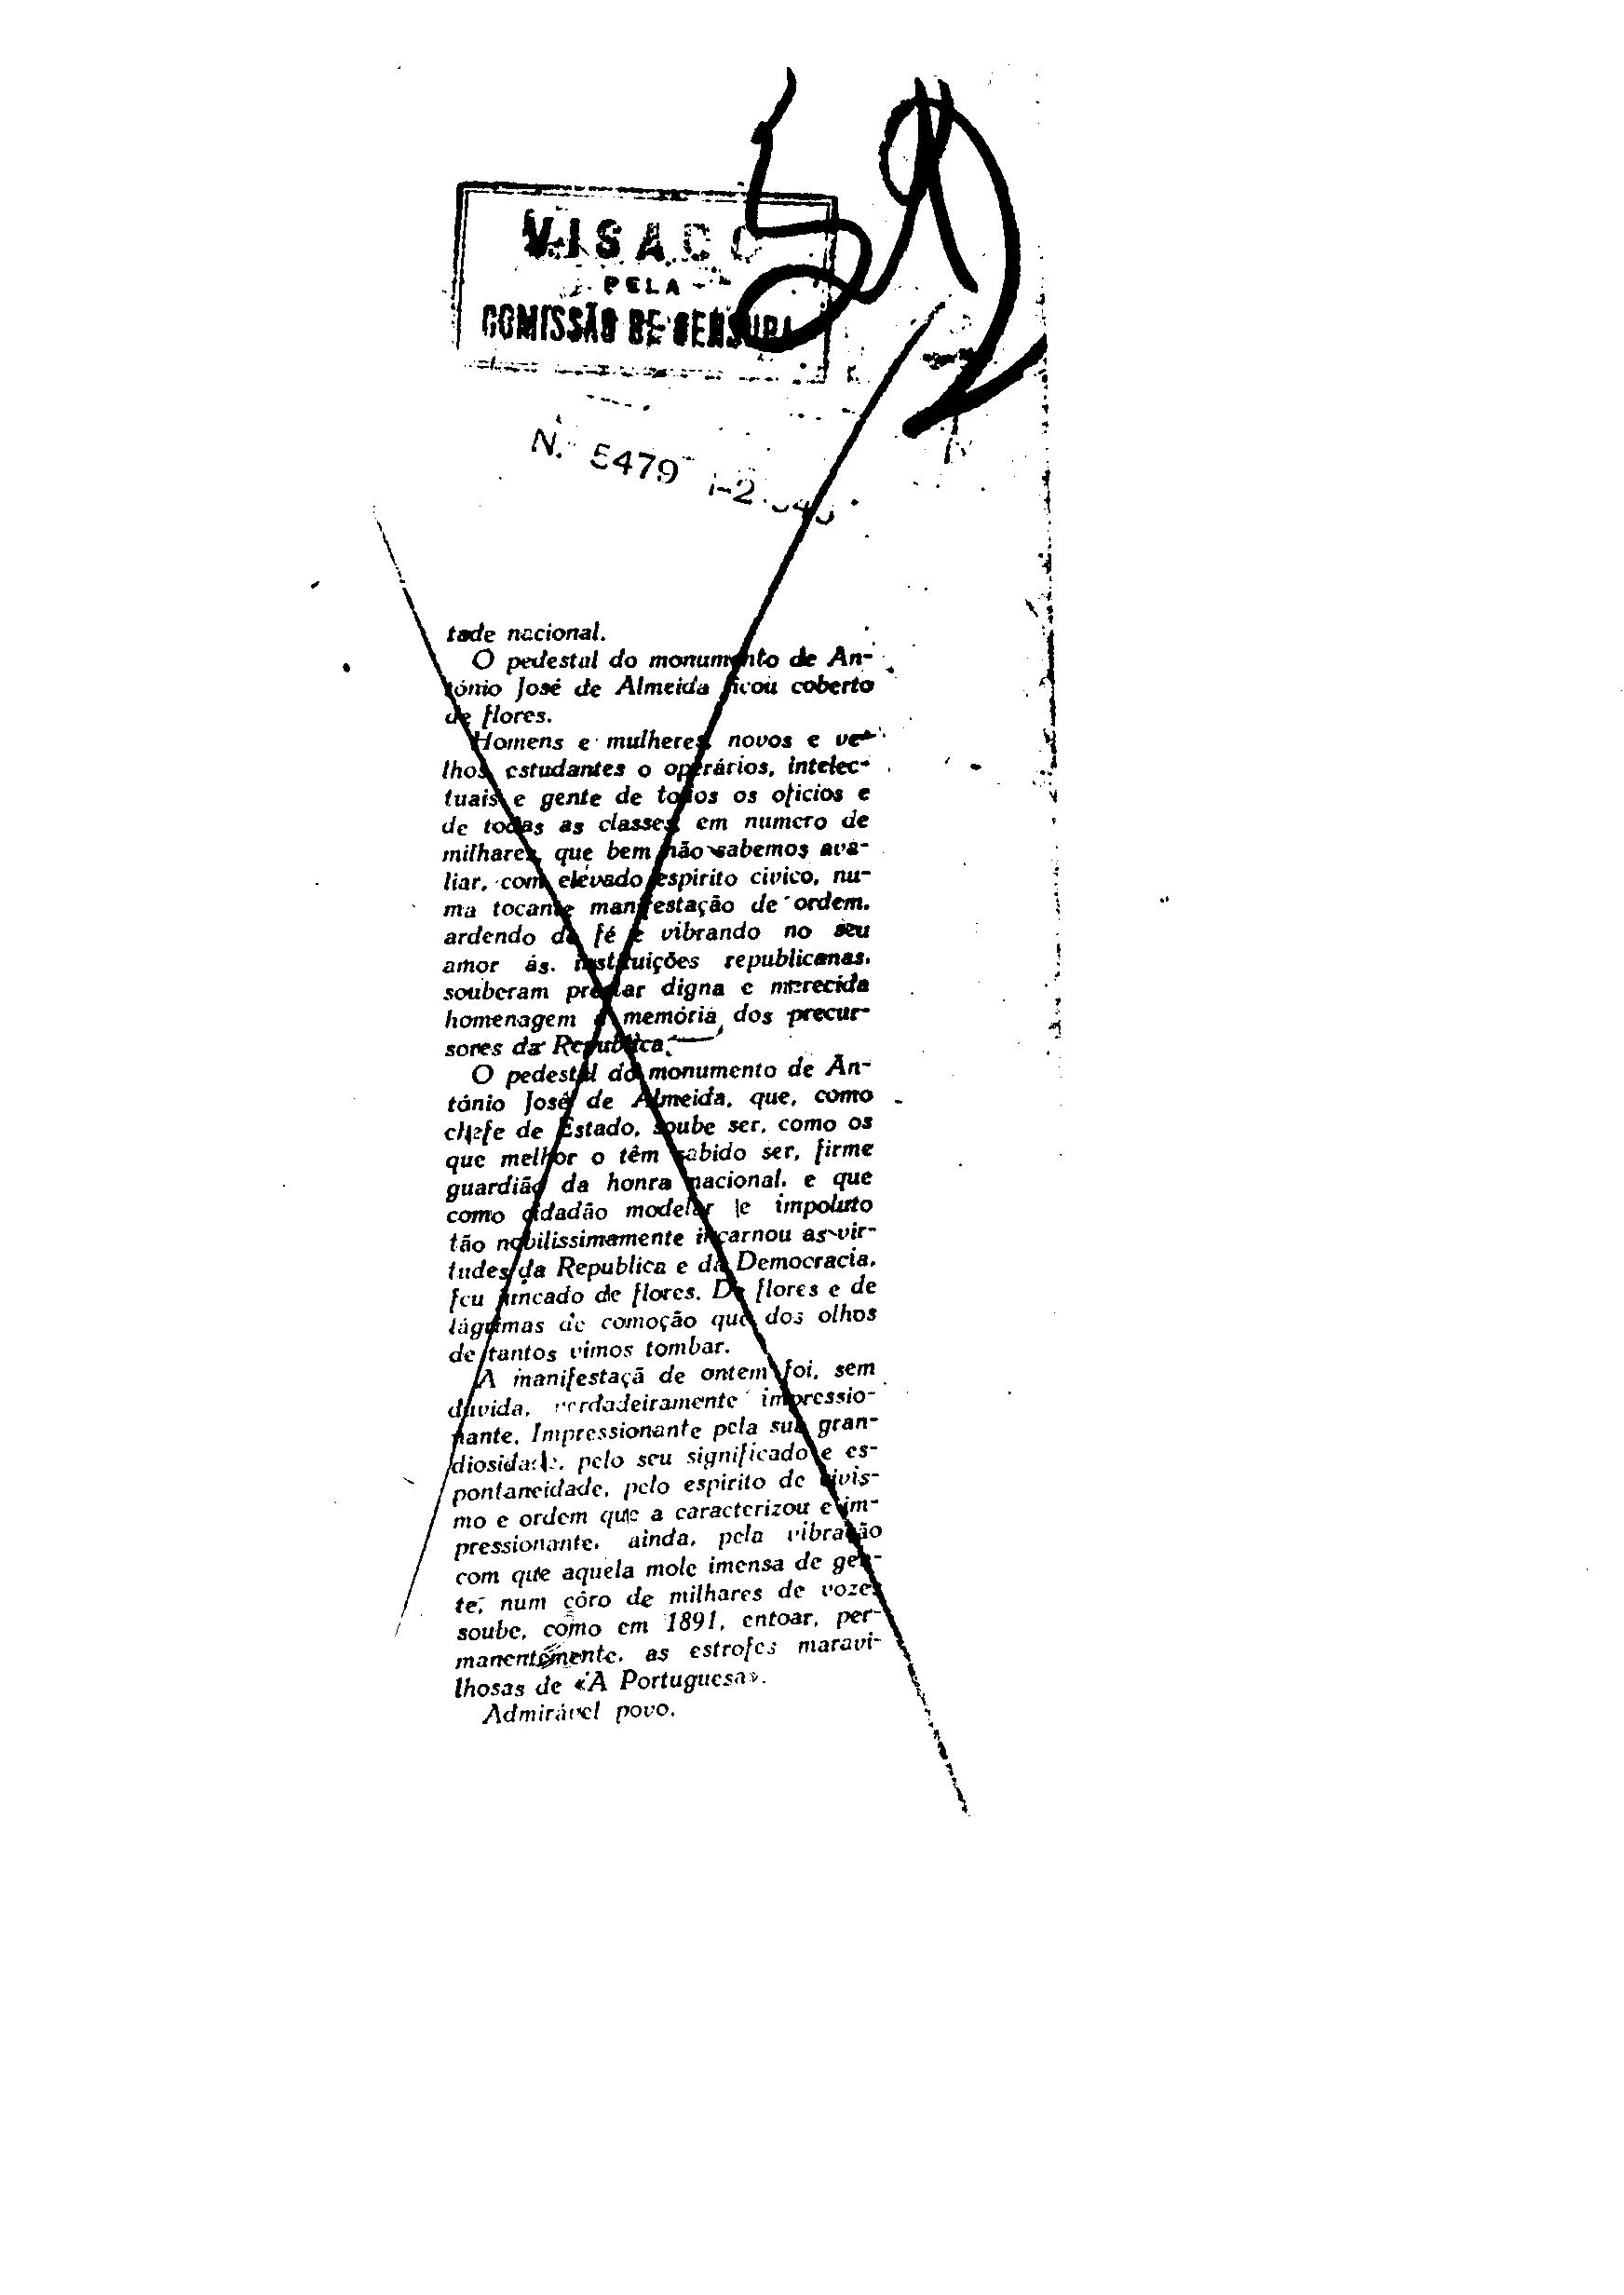 02969.058.002- pag.2